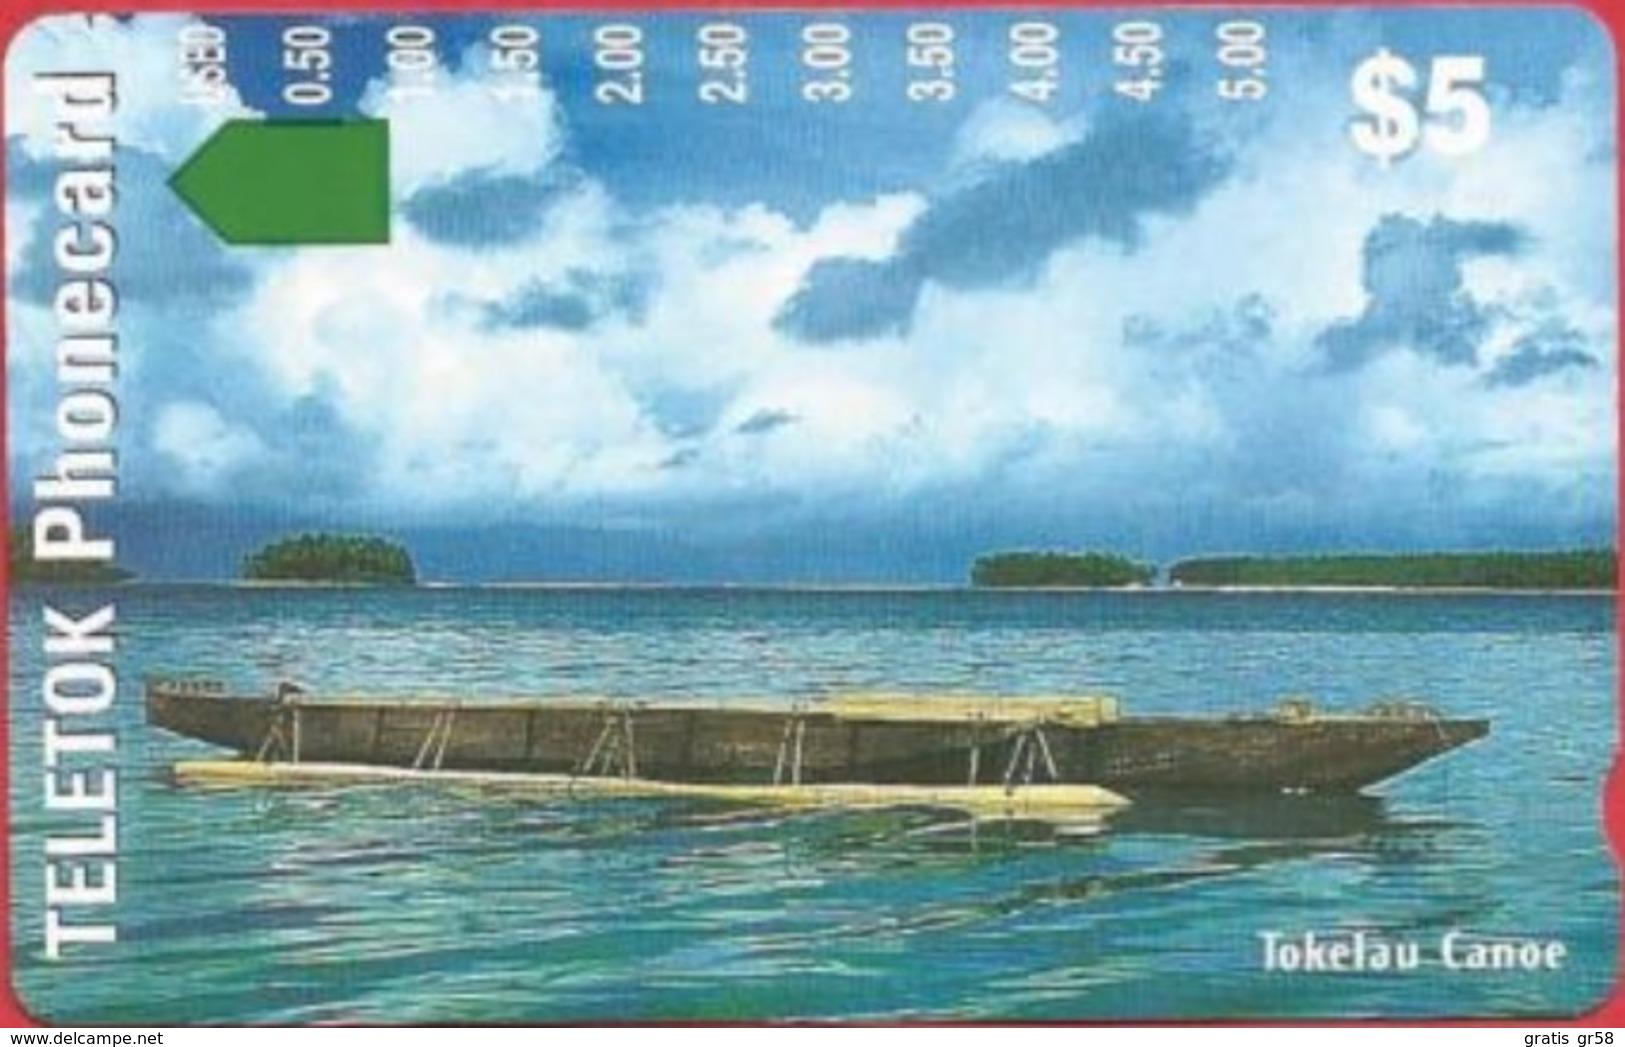 Tokelau - TK-TEL-0001, Anritsu, Trial Issue, Tokelau Canoe, 12/97, 5000ex, Mint - Andere - Oceanië